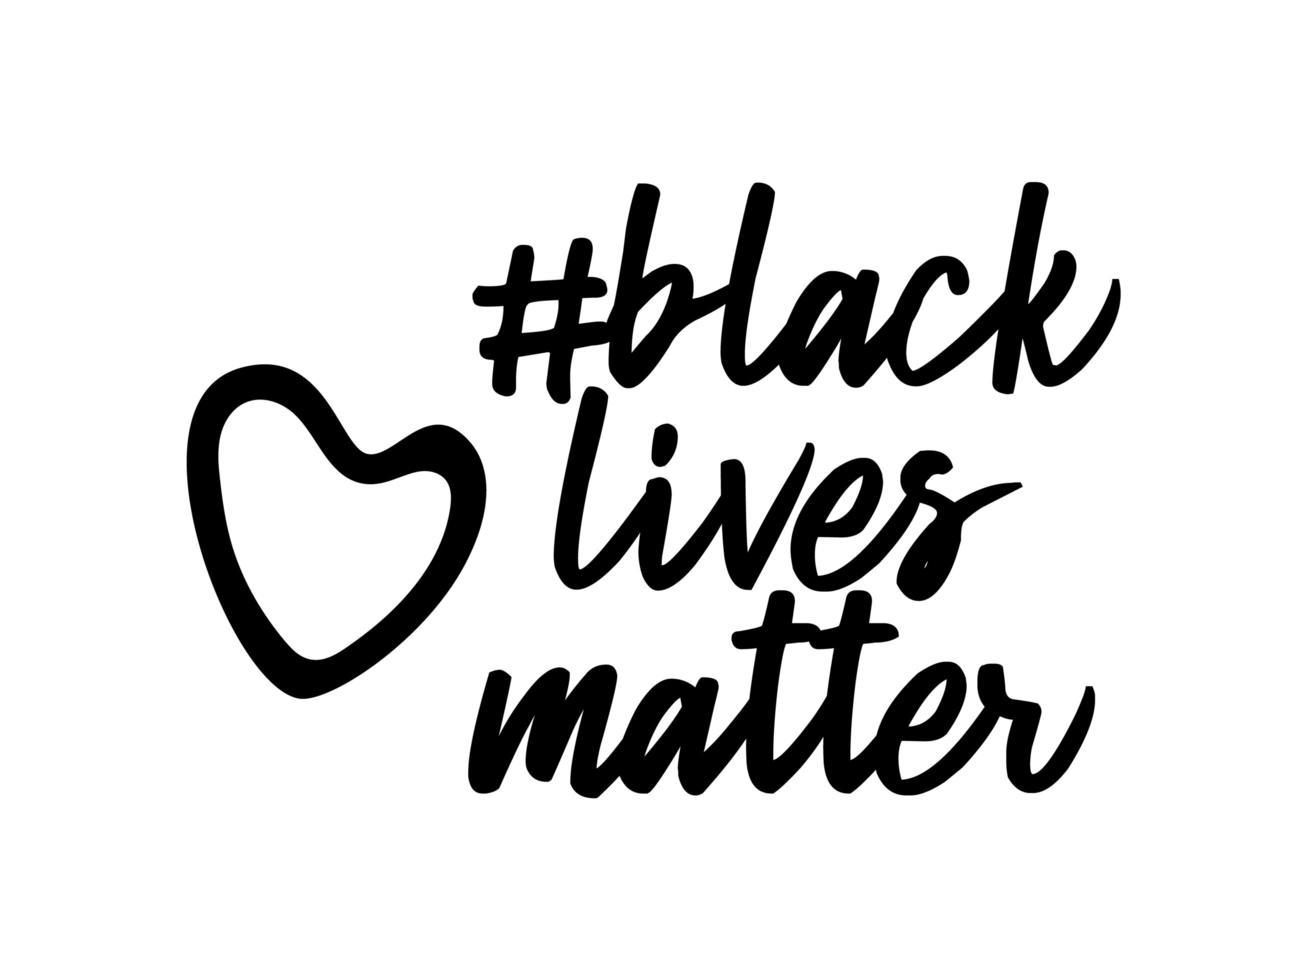 las vidas negras importan. forma de corazón. no al racismo. violencia policial. detener la violencia. ilustración vectorial plana. para pancartas, carteles y redes sociales vector